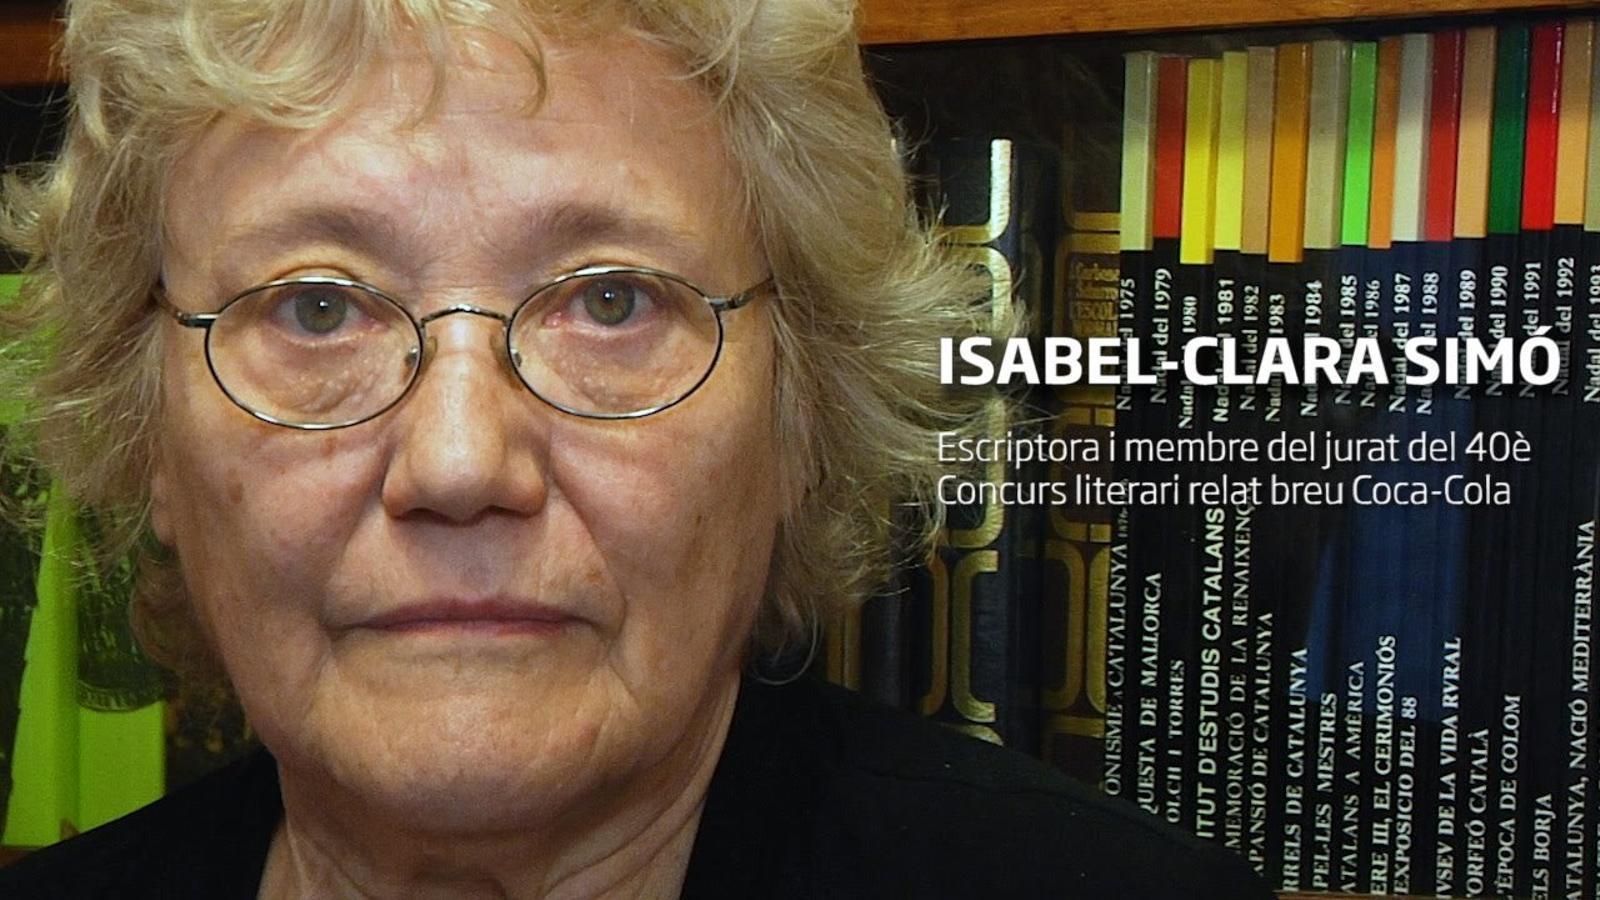 Les recomanacions de l'escriptora Isabel-Clara Simó